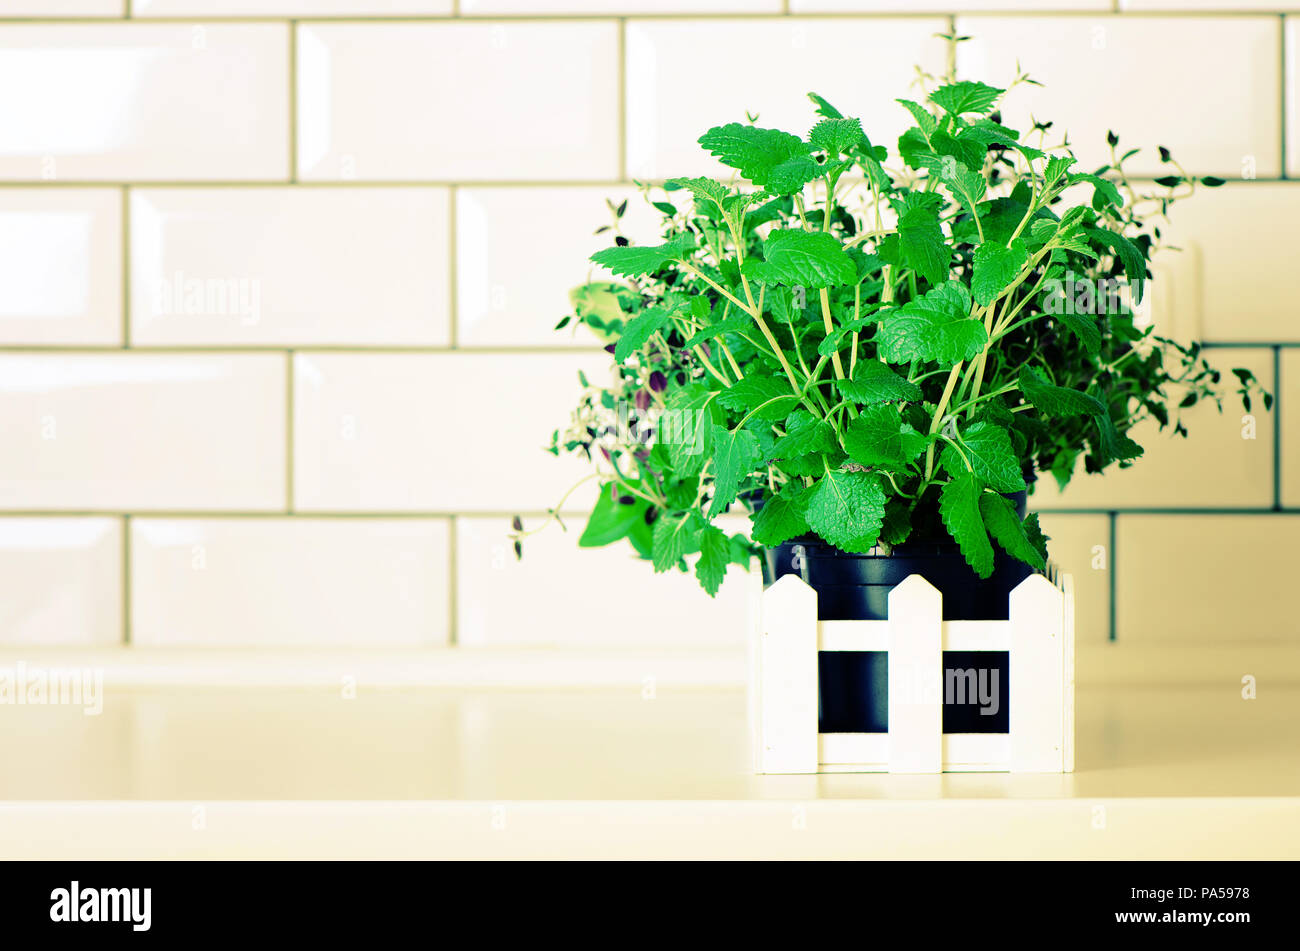 Mint, timo, basilico, prezzemolo - aromatiche erbe organico su ...